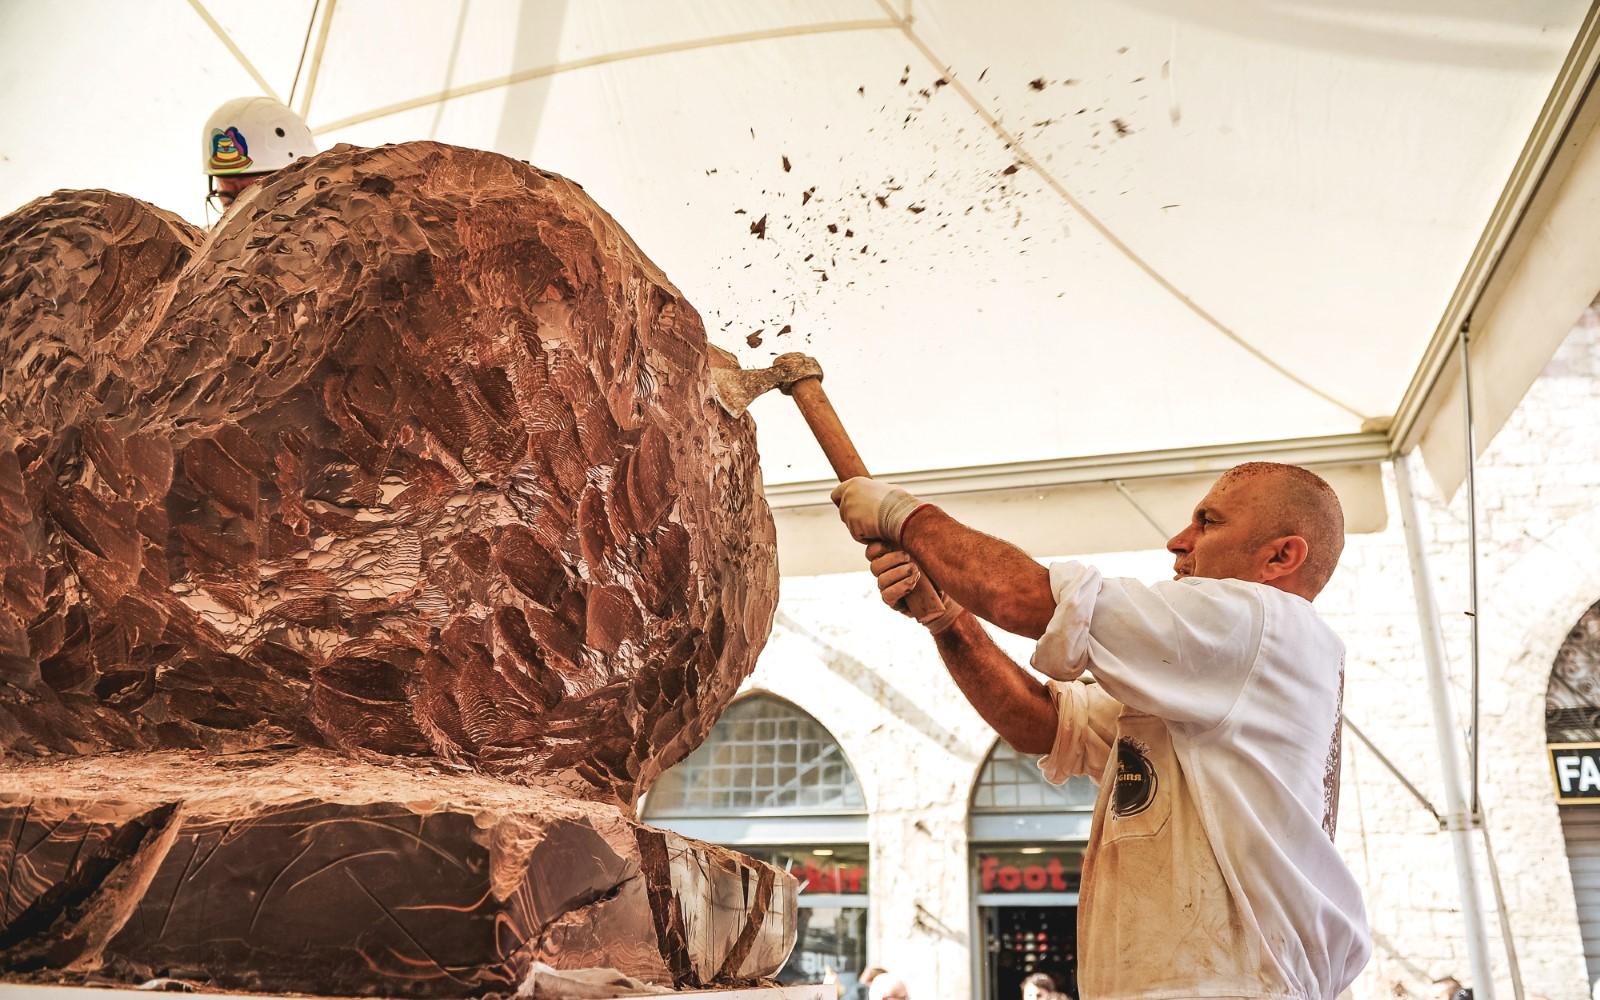 scultori-di-cioccolato-all-opera-eurochocolate-perugia